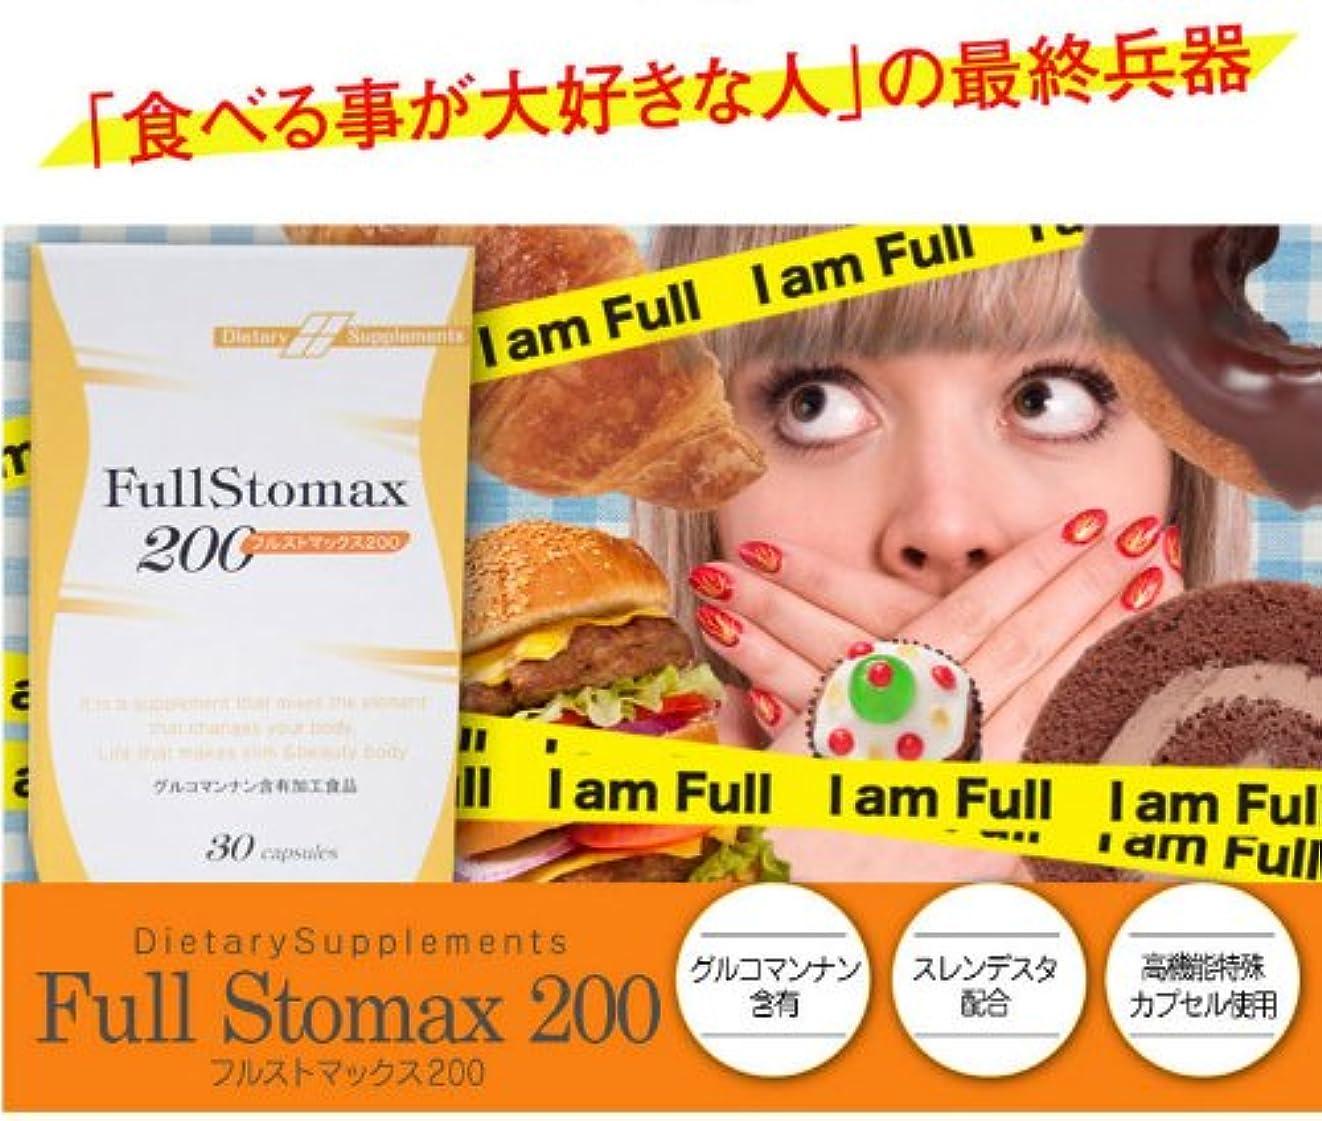 後退する部族価格フルストマックス200 (グルコマンナン配合ダイエットサプリ)